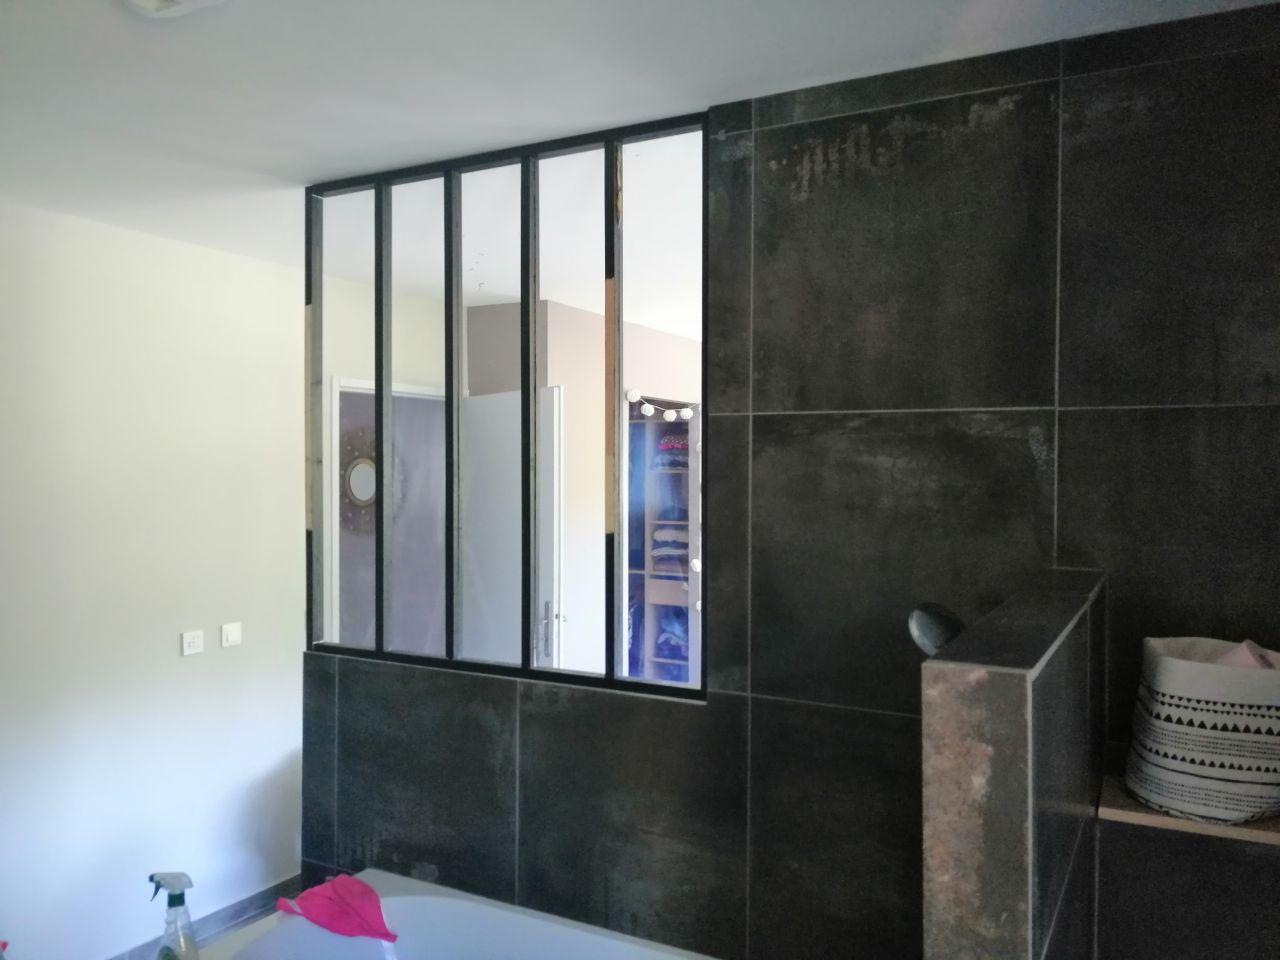 Verrière fabriquer et installer par nos soins, séparant la chambre à la douche